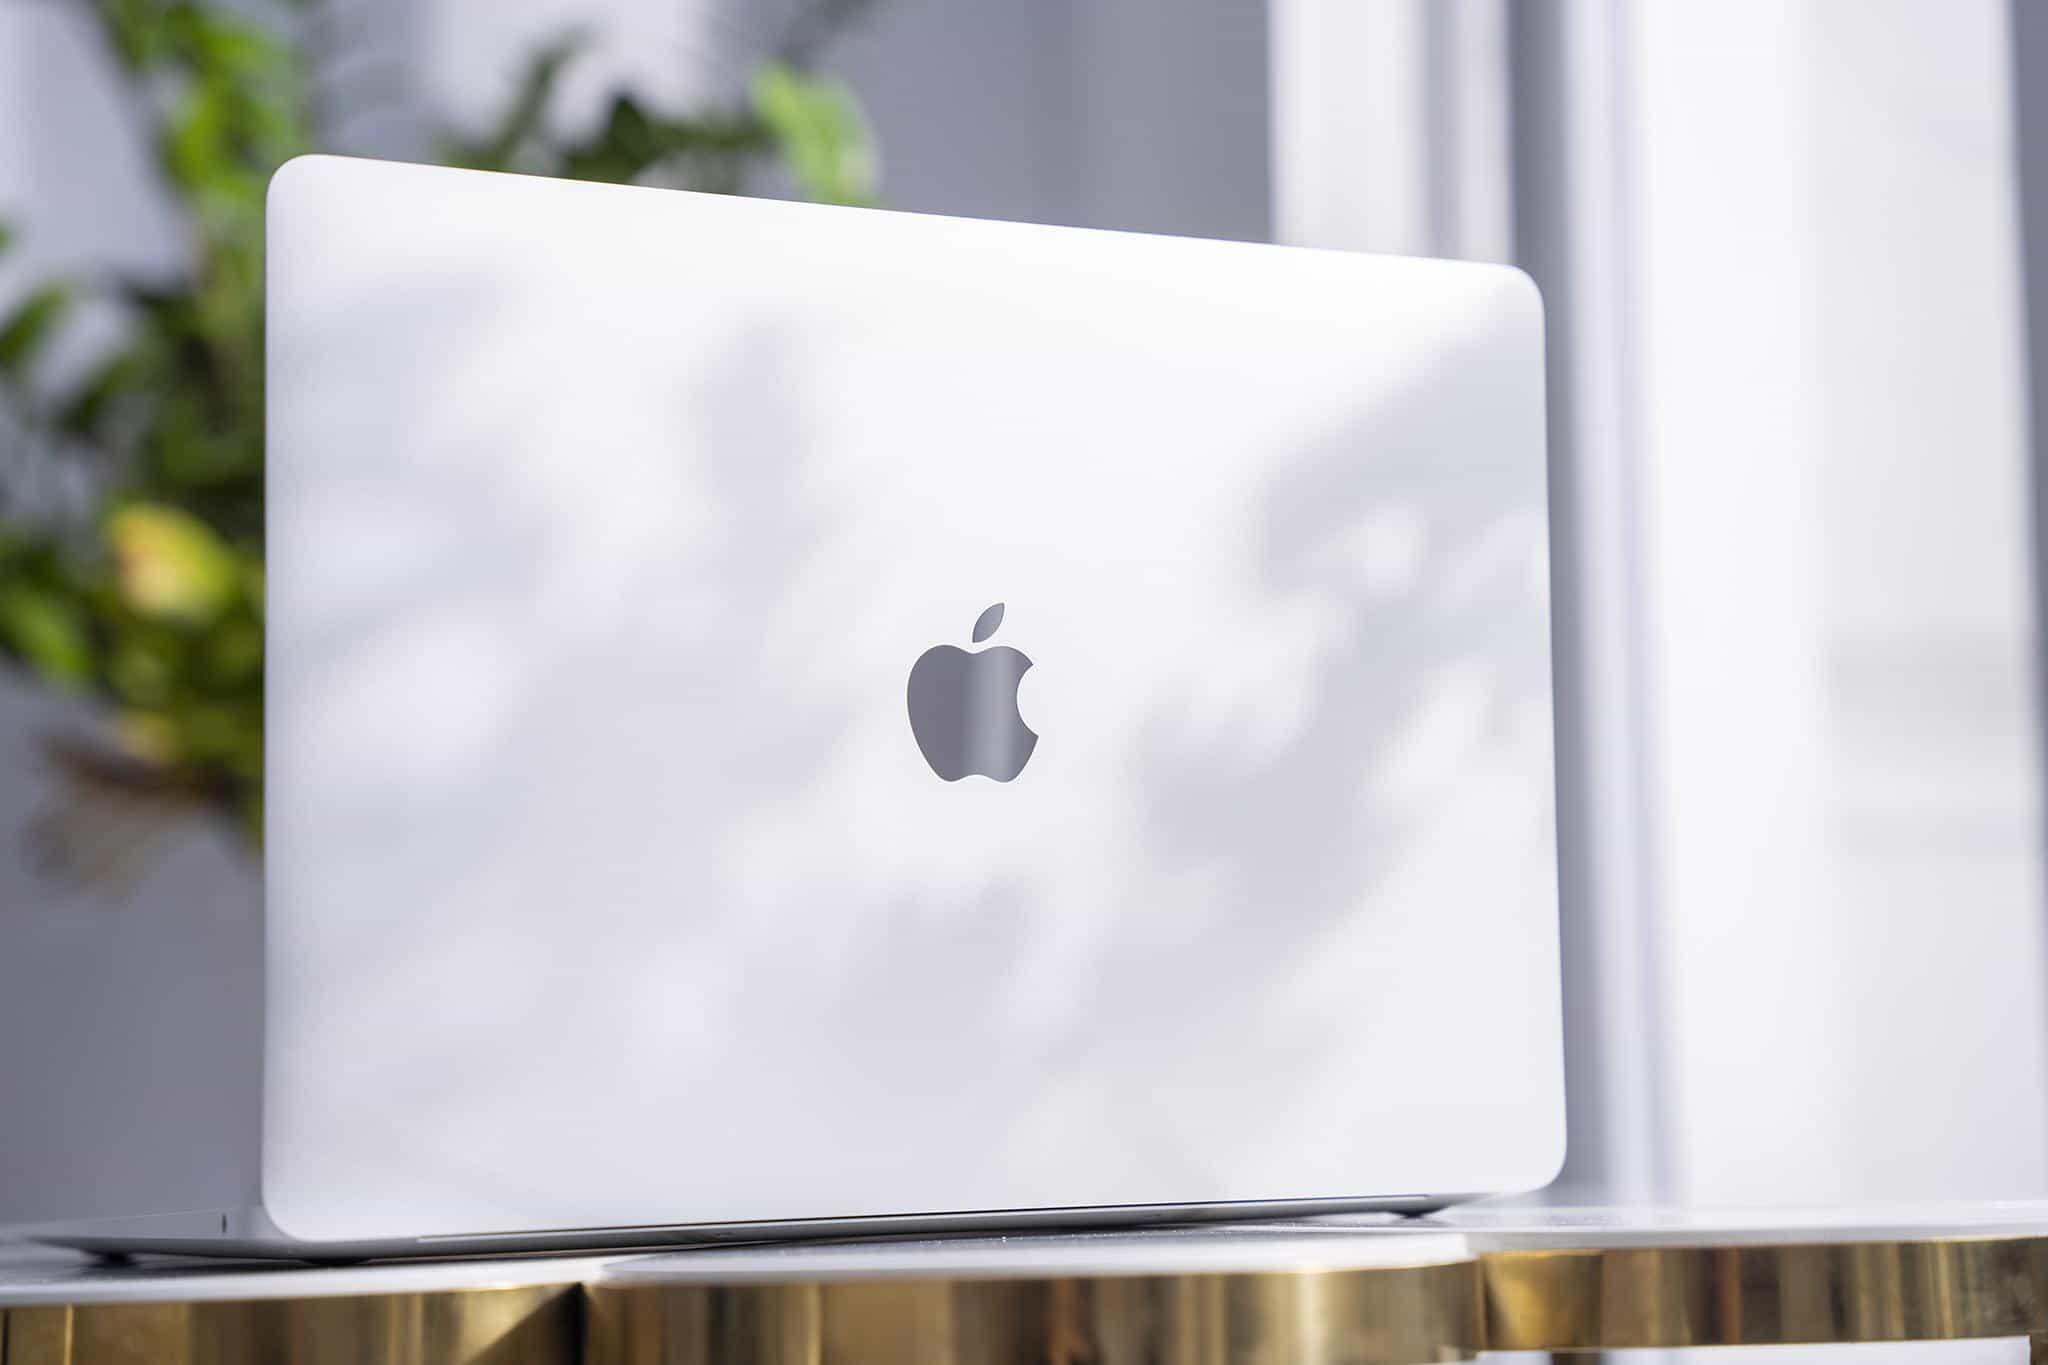 MacBook M1 đã được bán chính thức tại Việt Nam với giá từ 27.99 triệu